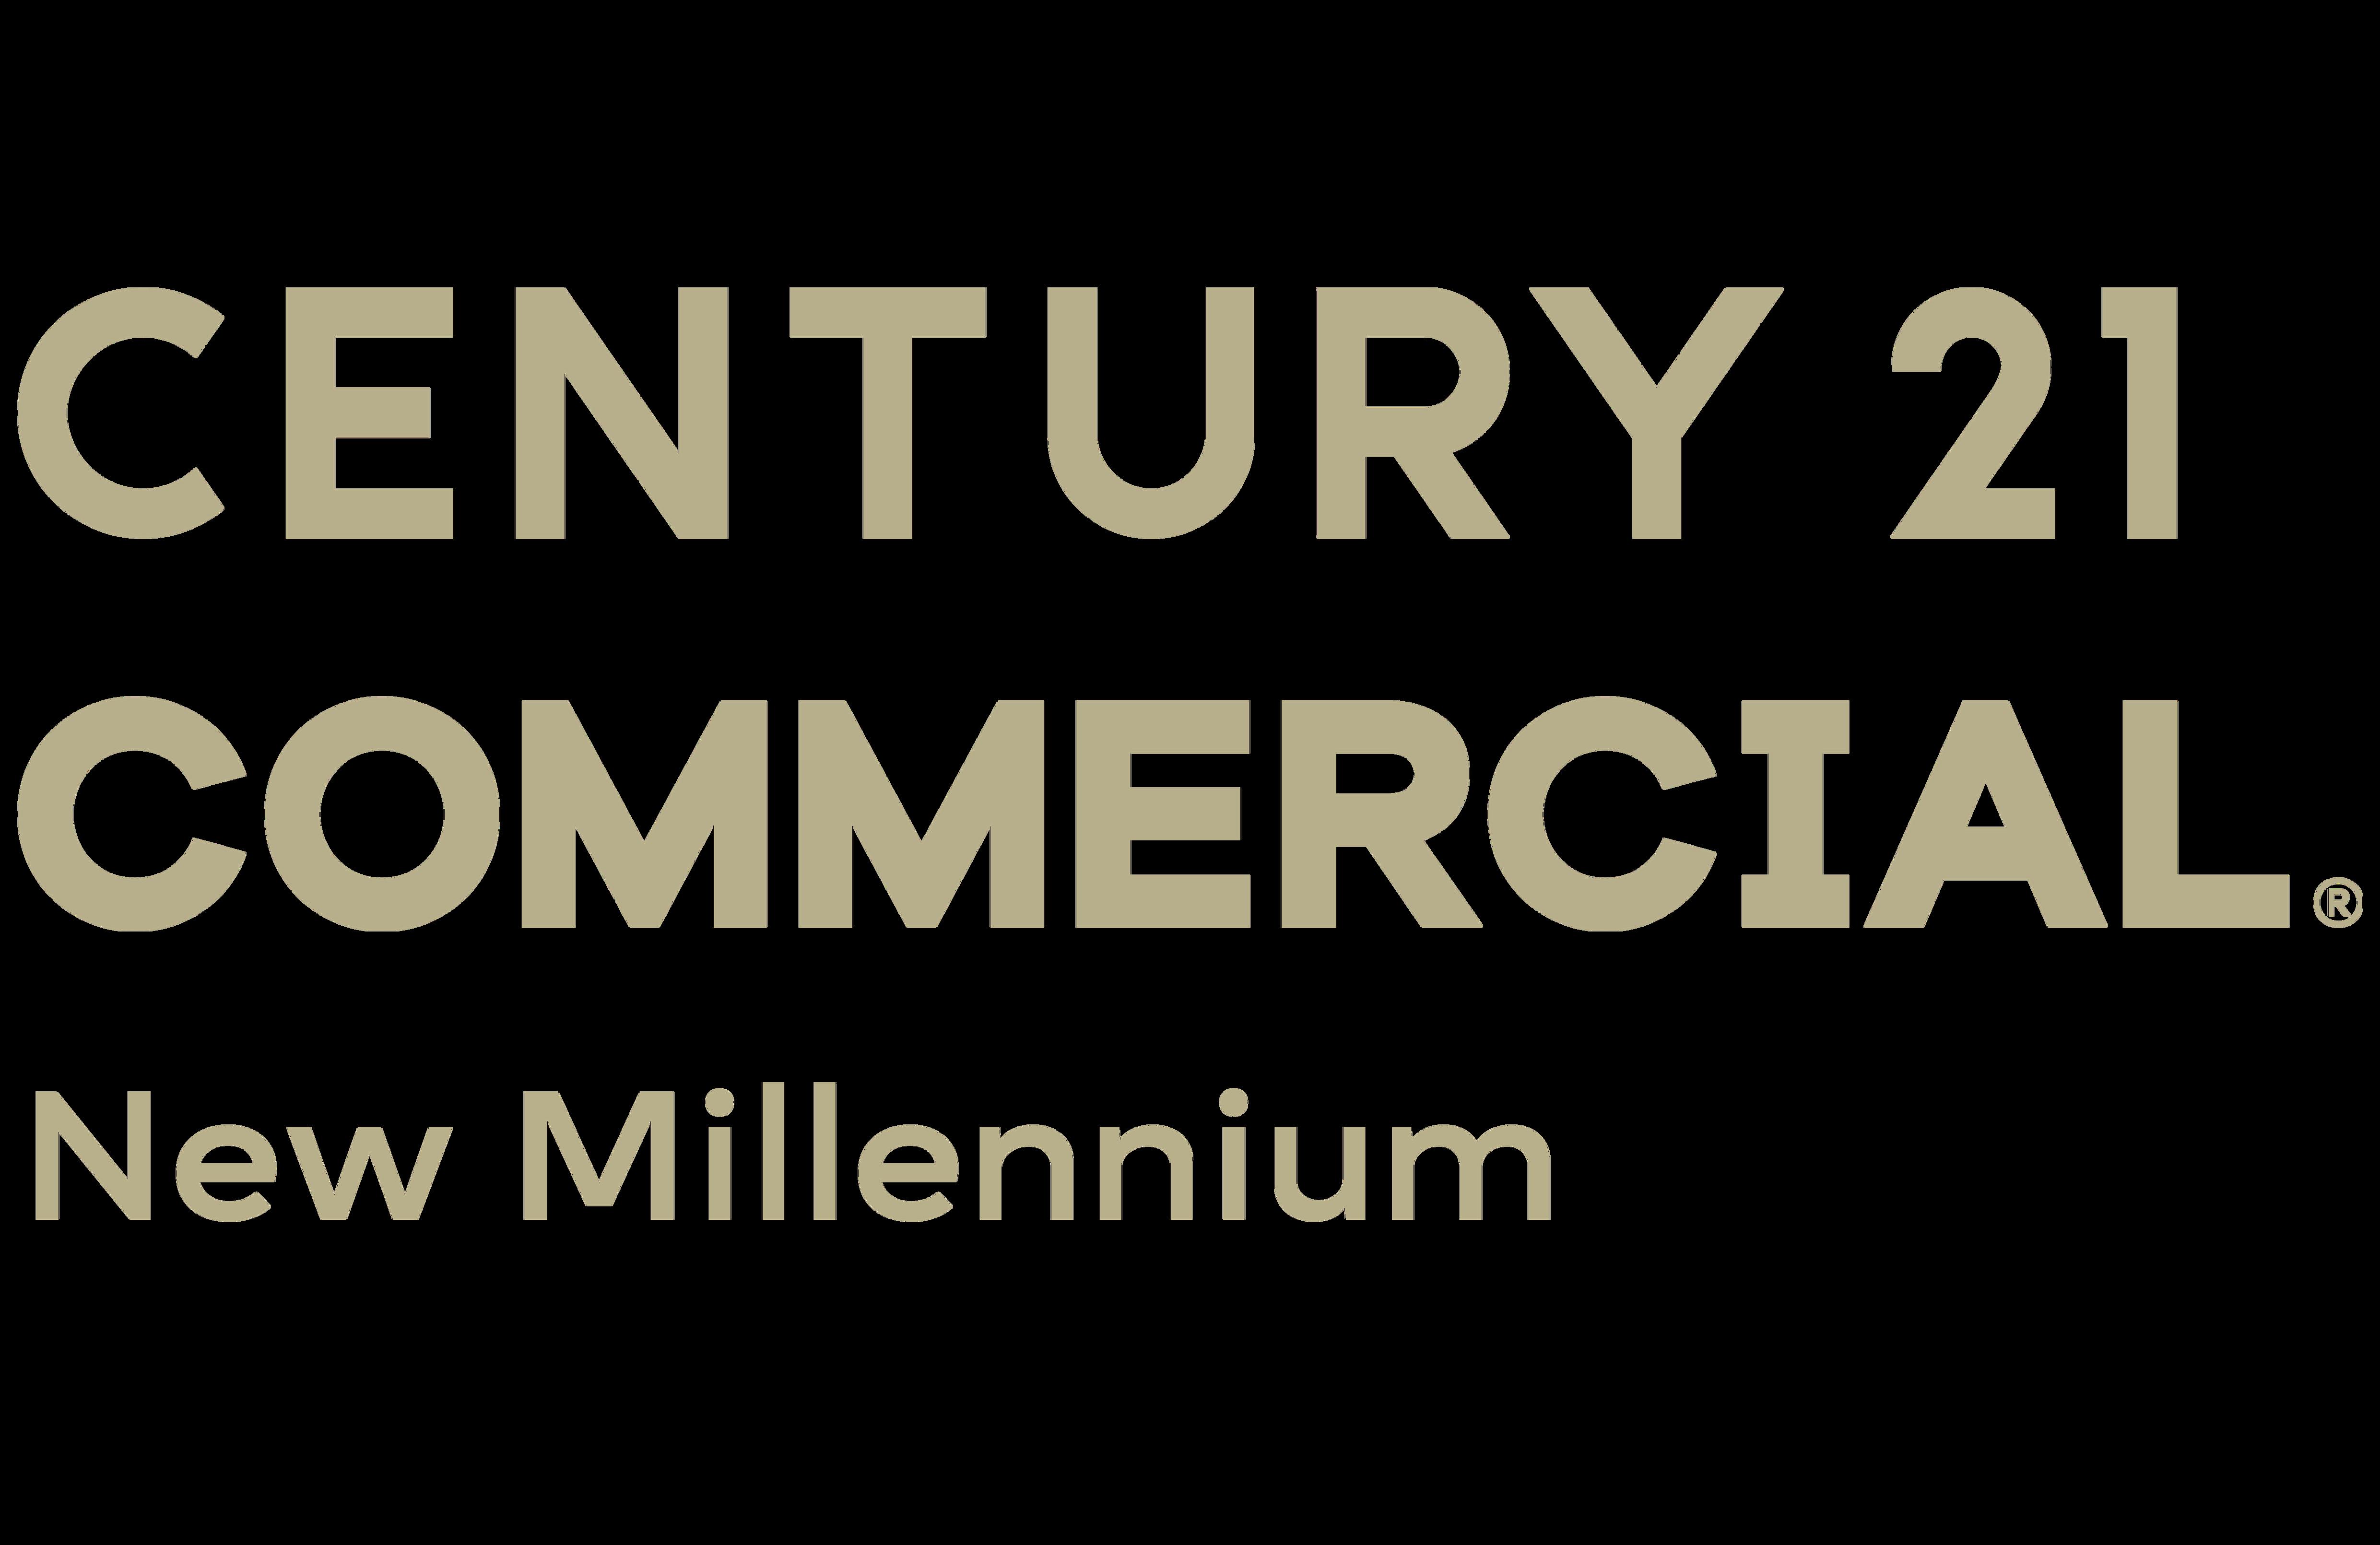 CENTURY 21 New Millennium